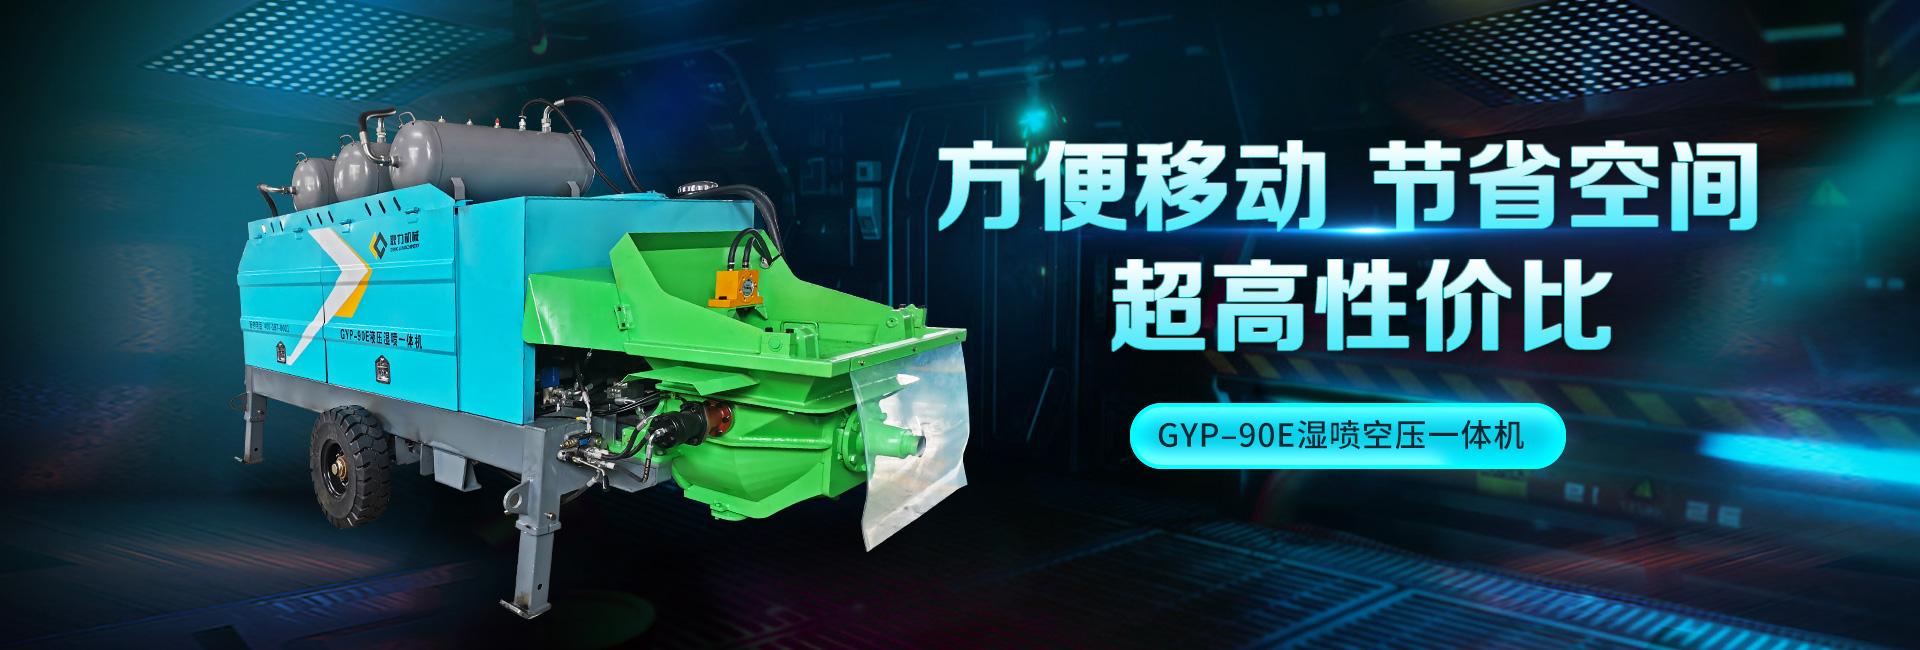 GYP-90E湿喷空压一体机